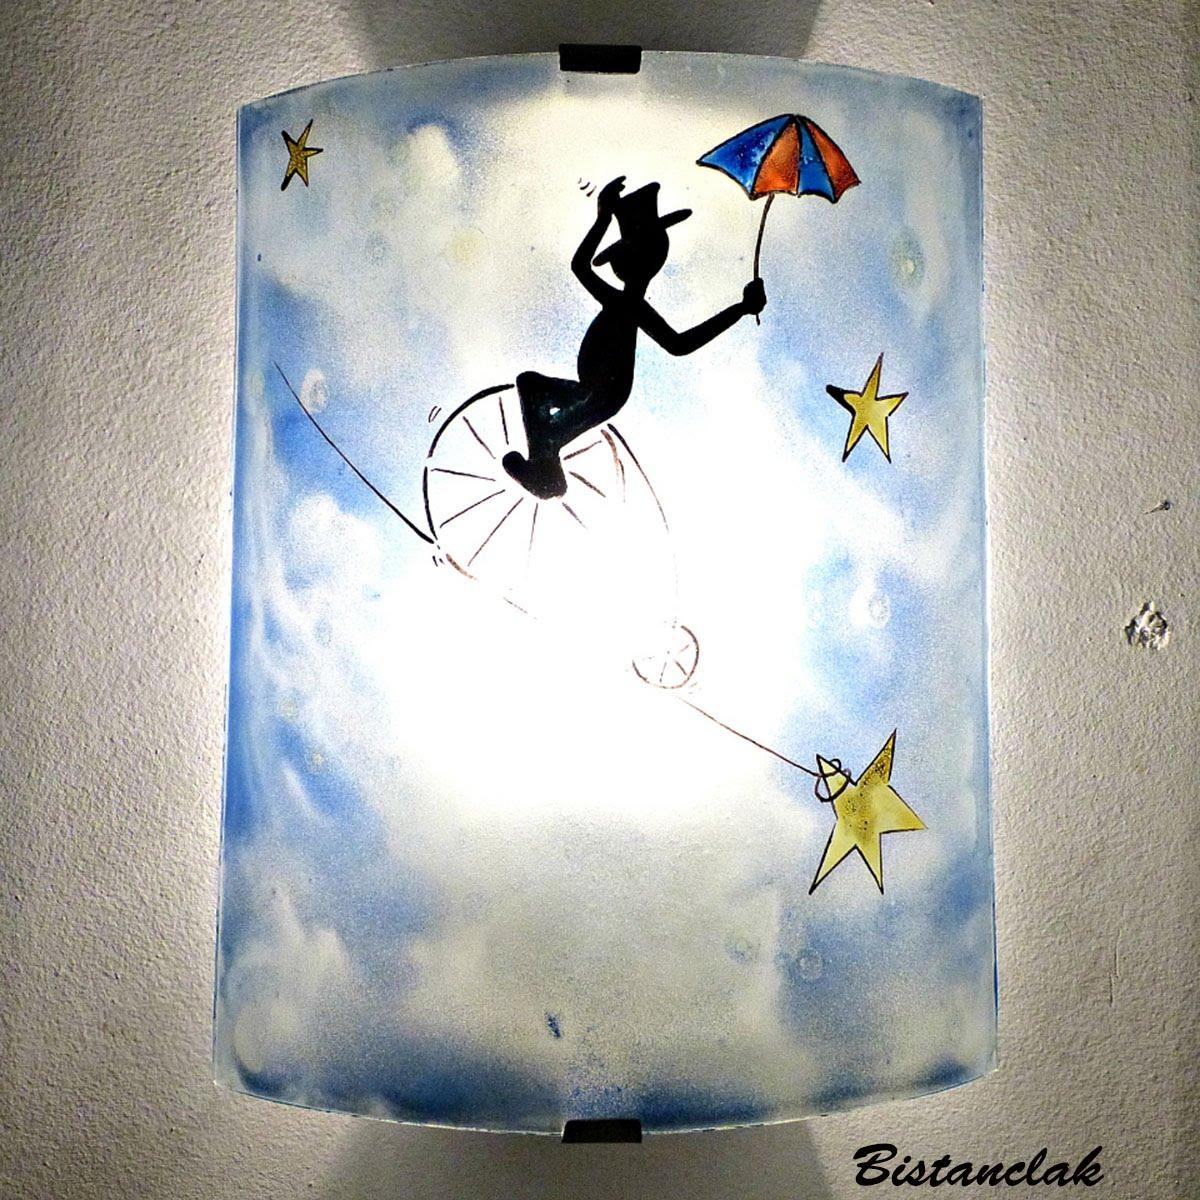 Luminaire applique murale demi cylindre fantaisie bleu motif le funambule 4